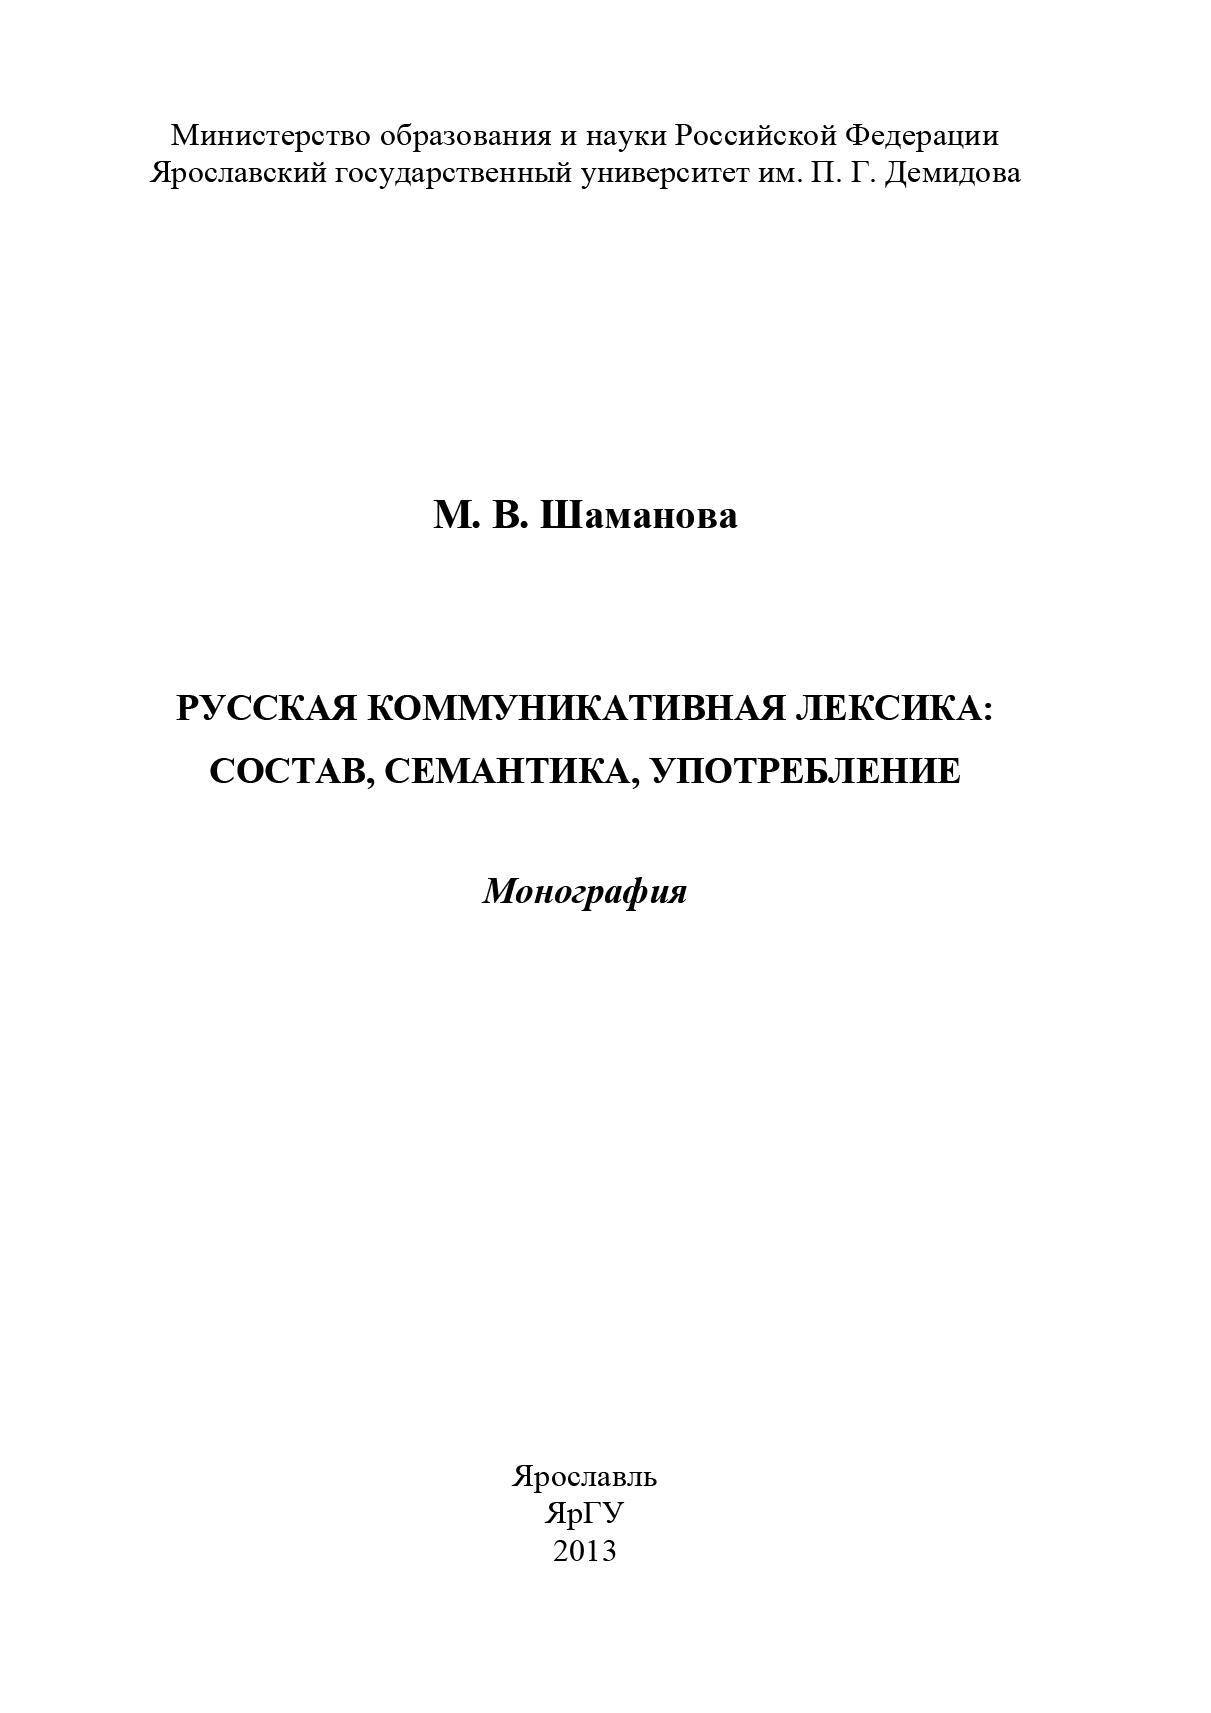 М. Шаманова Русская коммуникативная лексика: состав, семантика, употребление цены онлайн